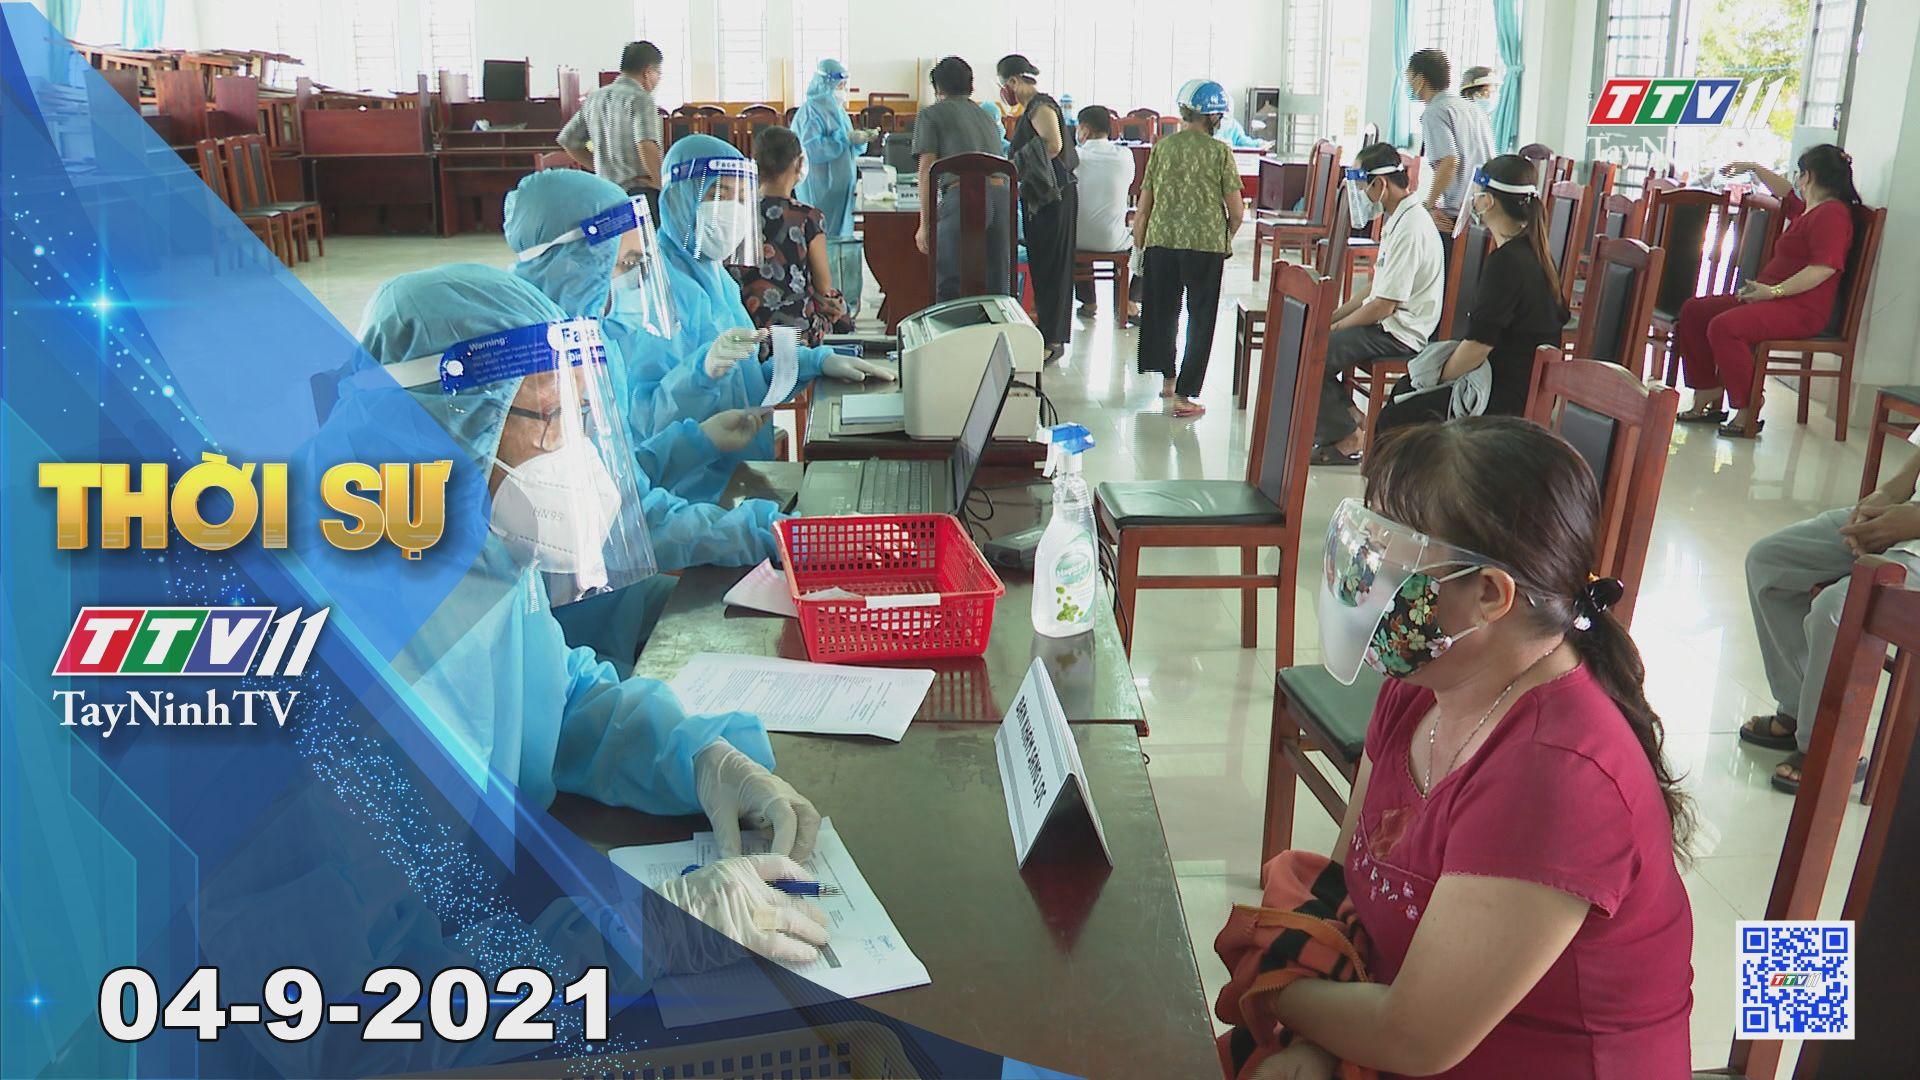 Thời sự Tây Ninh 04-9-2021 | Tin tức hôm nay | TayNinhTV